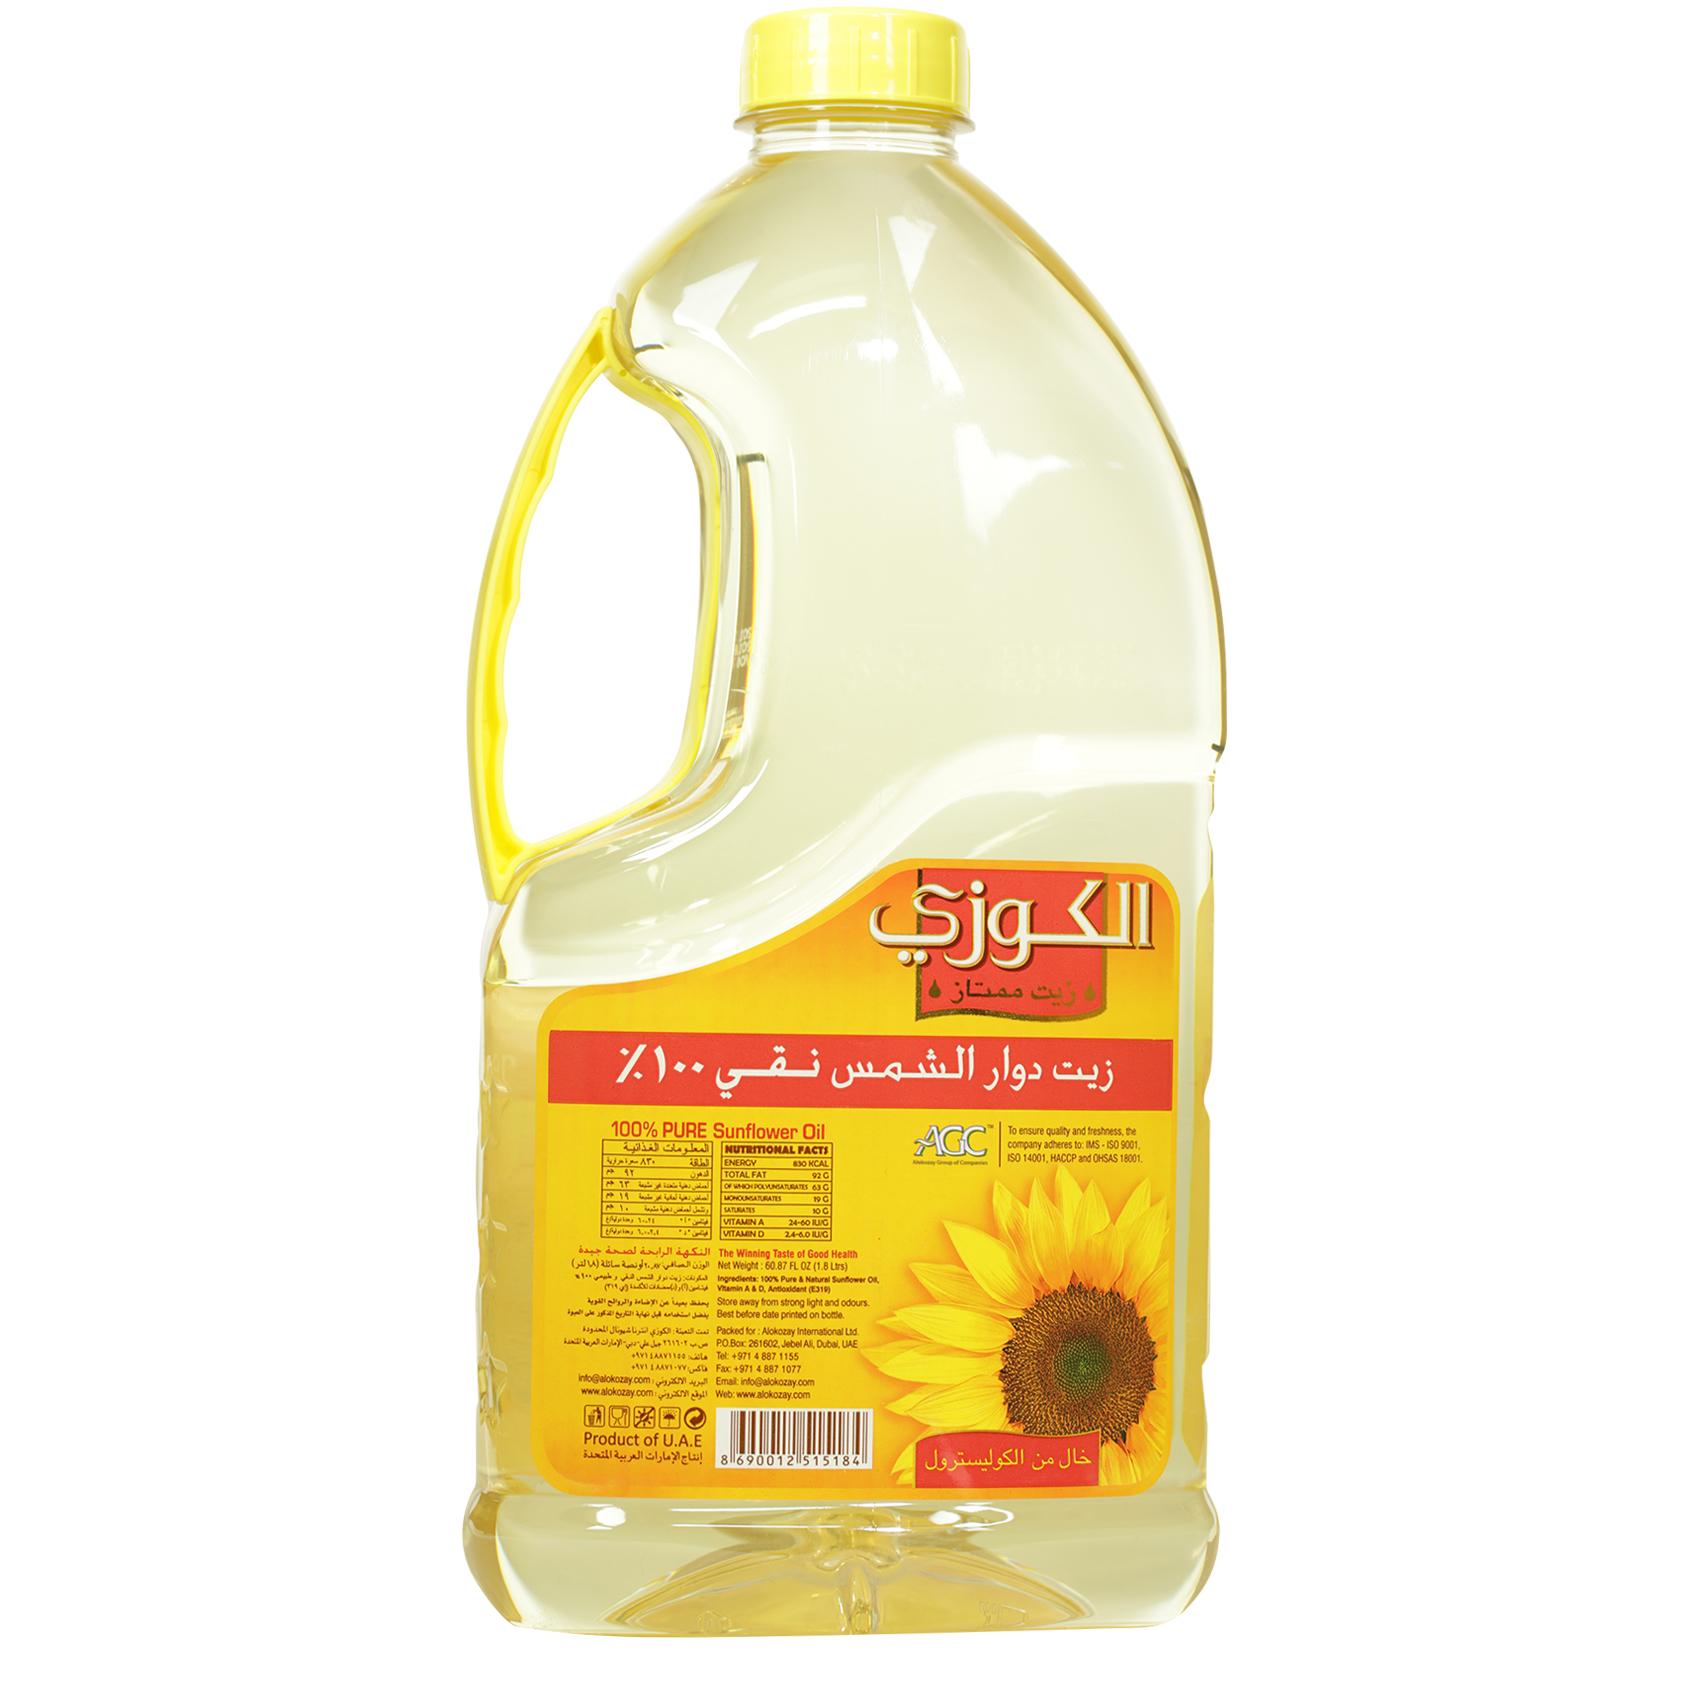 ALOKOZAY SUNFLOWER OIL 1.8L